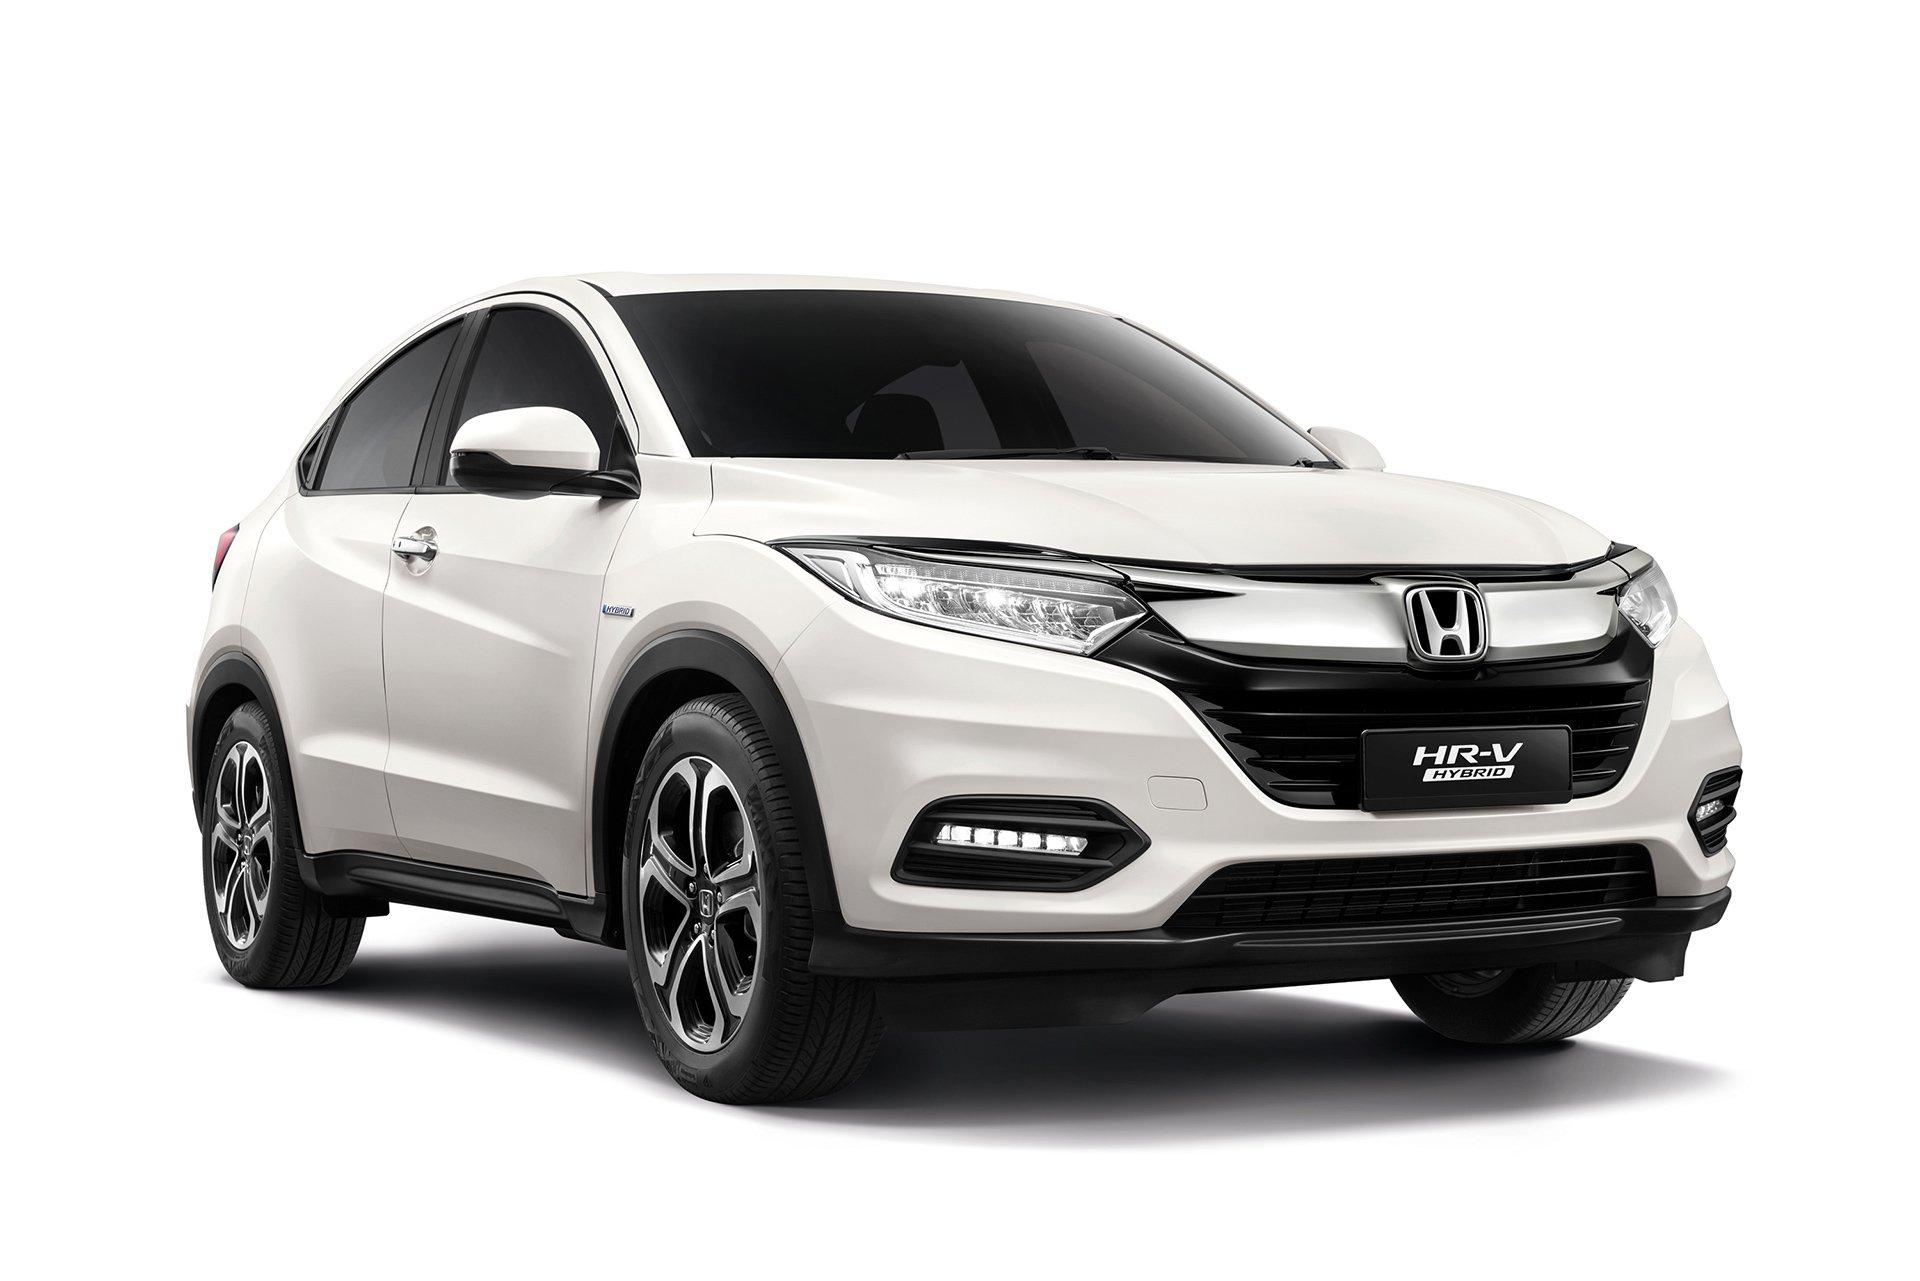 Enhanced Honda HR-V Sport Hybrid i-DCD Priced At RM 113,954.82¹ - thumbnail